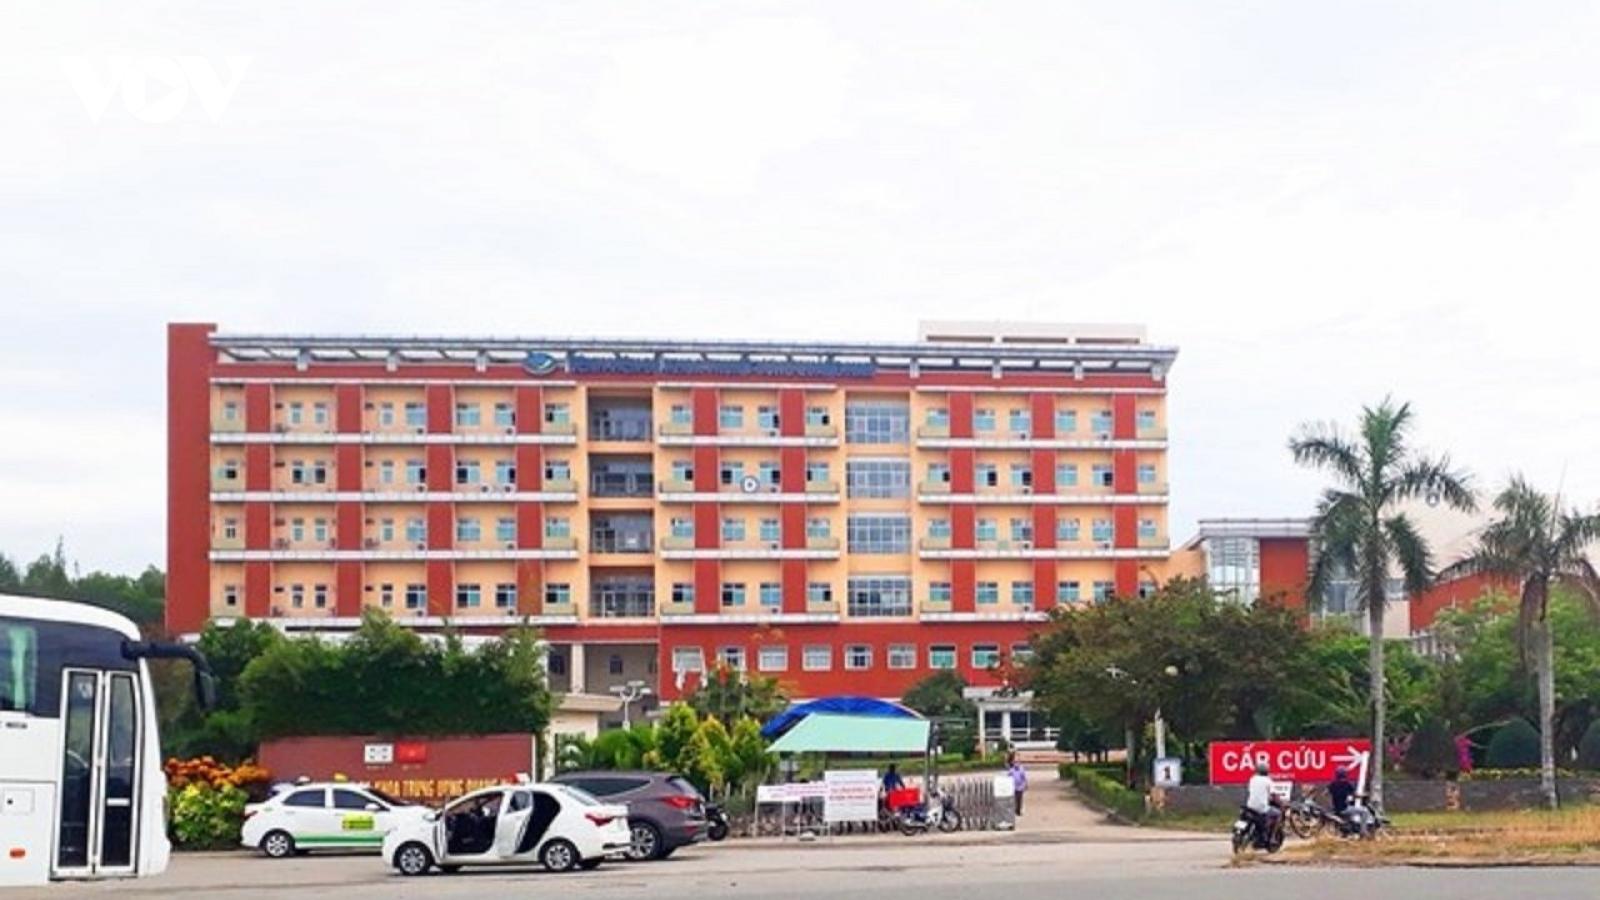 Dỡ bỏ phong tỏa Bệnh viên Đa khoa Trung ương Quảng Nam